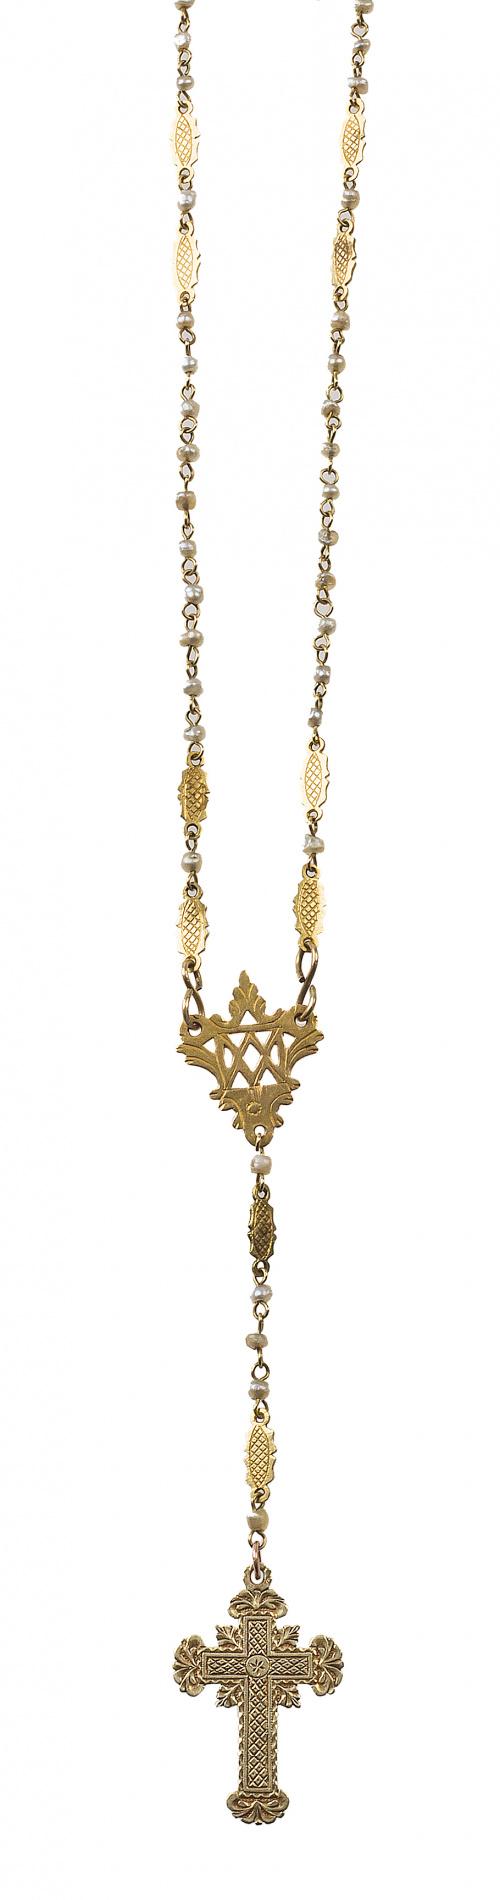 Conjunto de tres delicados rosarios S. XIX con perlas de al